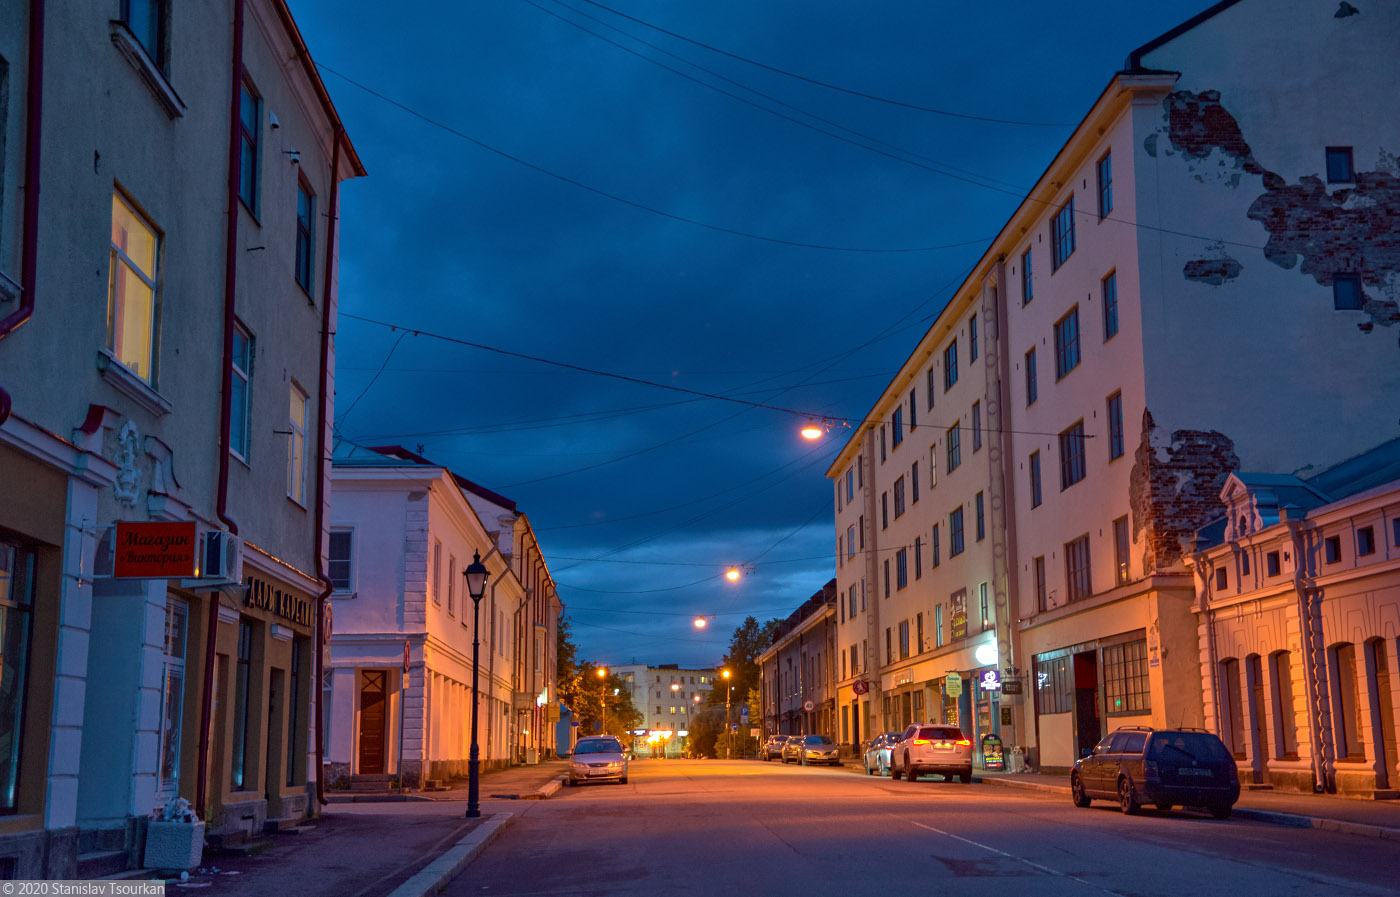 Сортавала, Карелия, республика Карелия, вечер, вечер в городе, Комсомольская улица